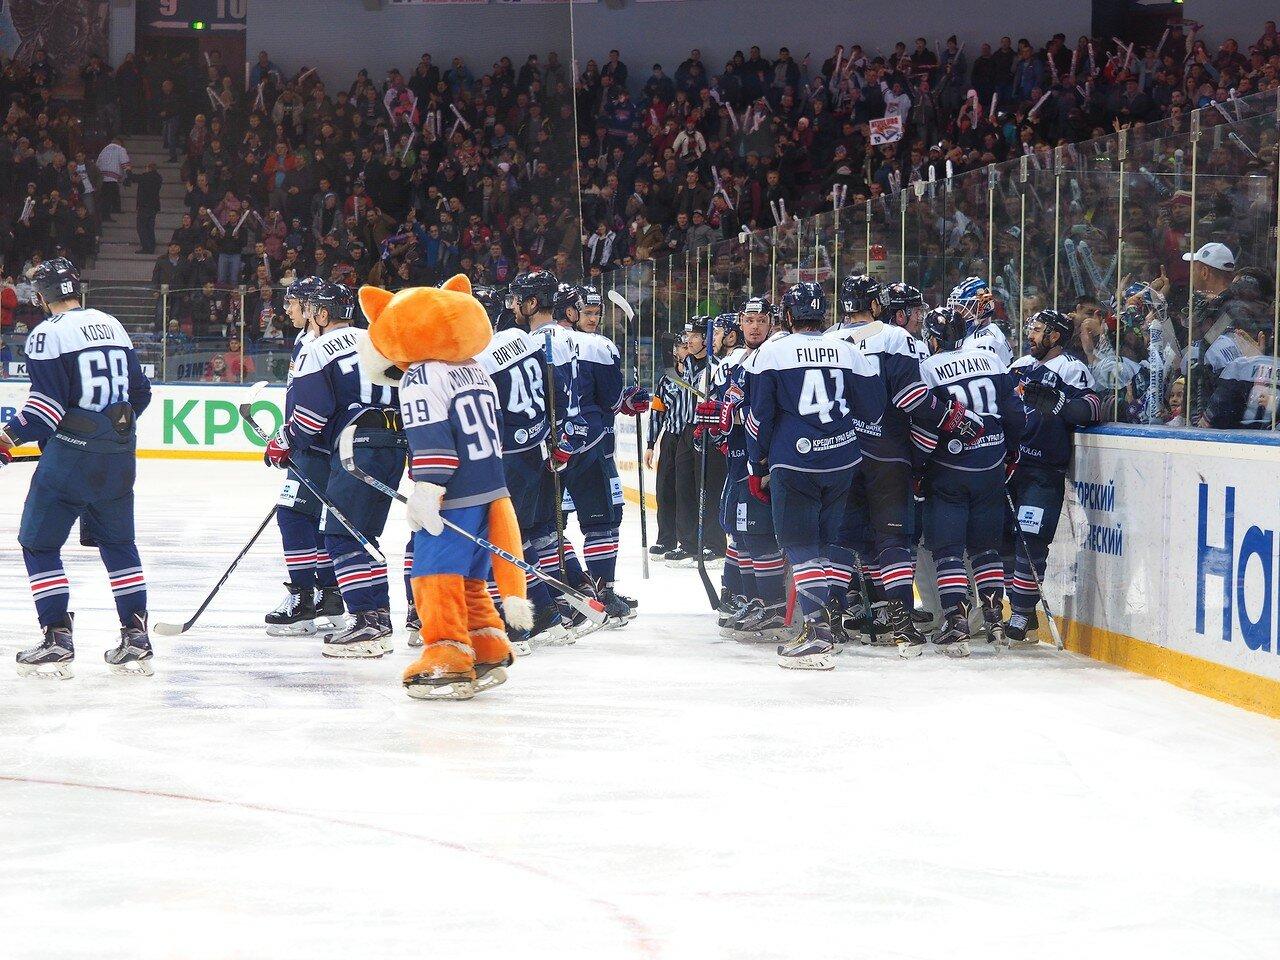 132 Первая игра финала плей-офф восточной конференции 2017 Металлург - АкБарс 24.03.2017